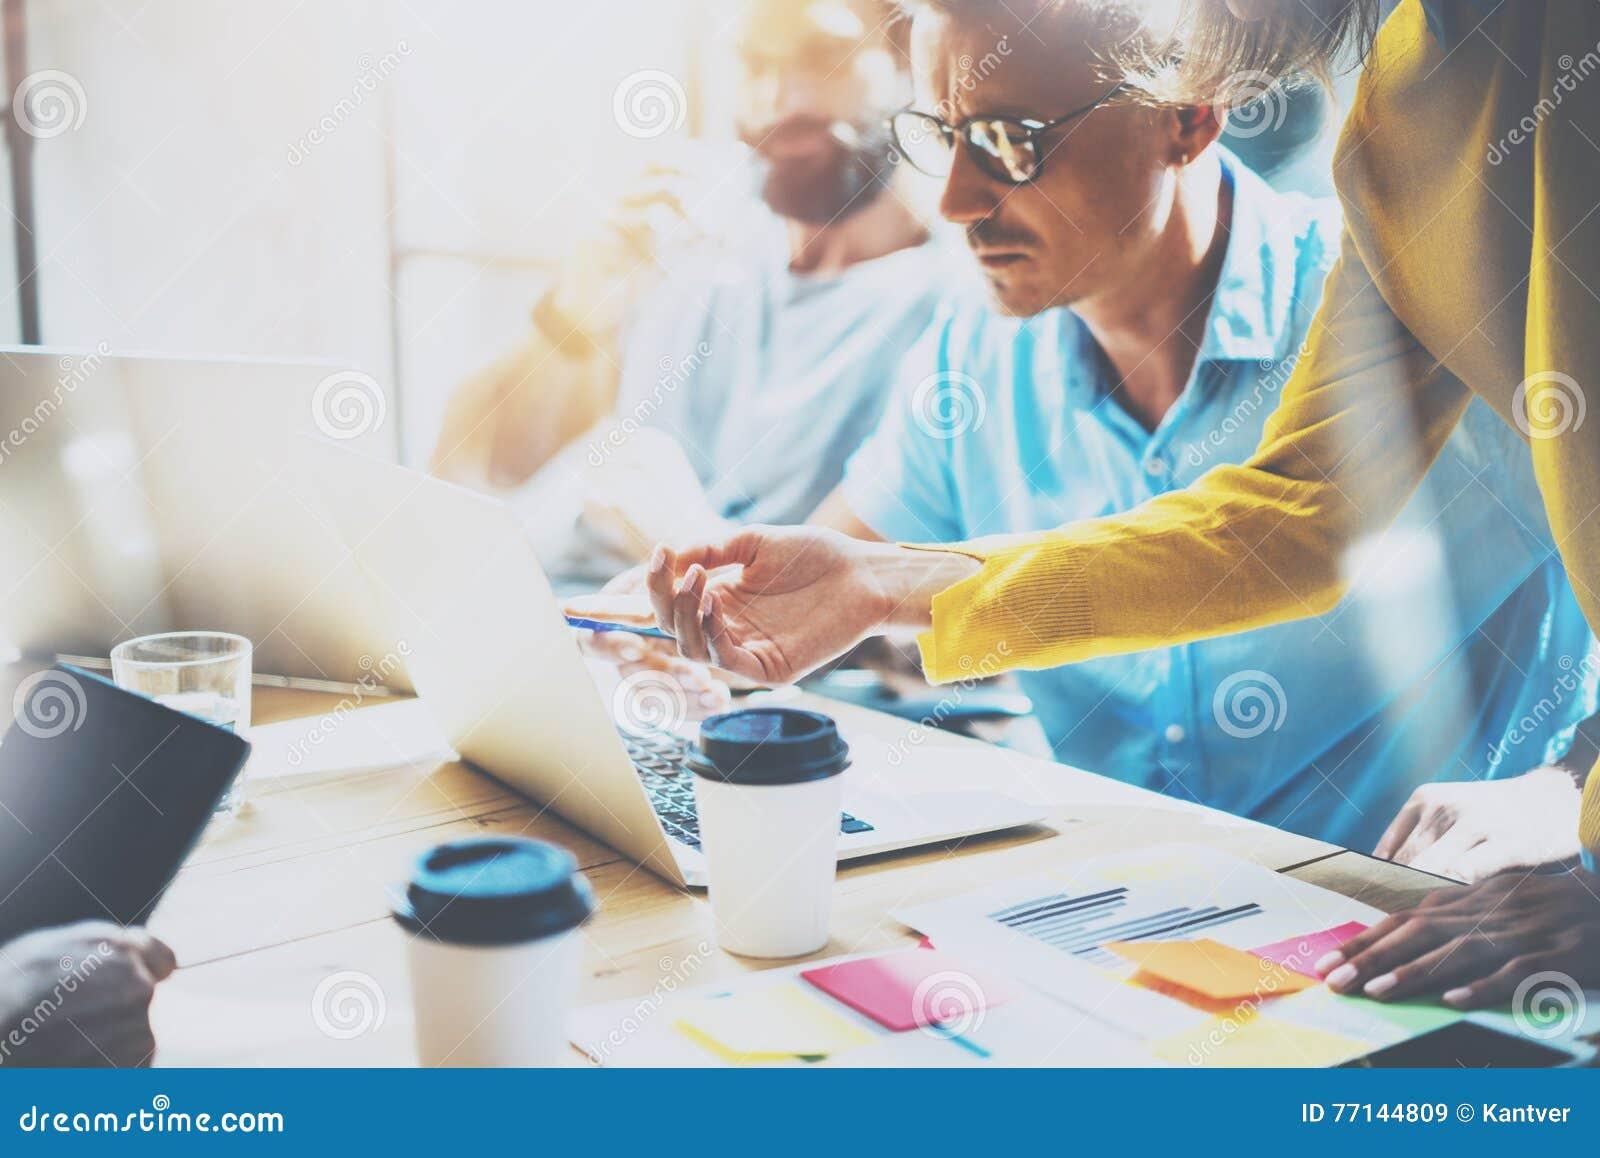 Compañeros de trabajo jovenes del grupo que toman grandes decisiones económicas Estudio creativo de Team Discussion Corporate Wor